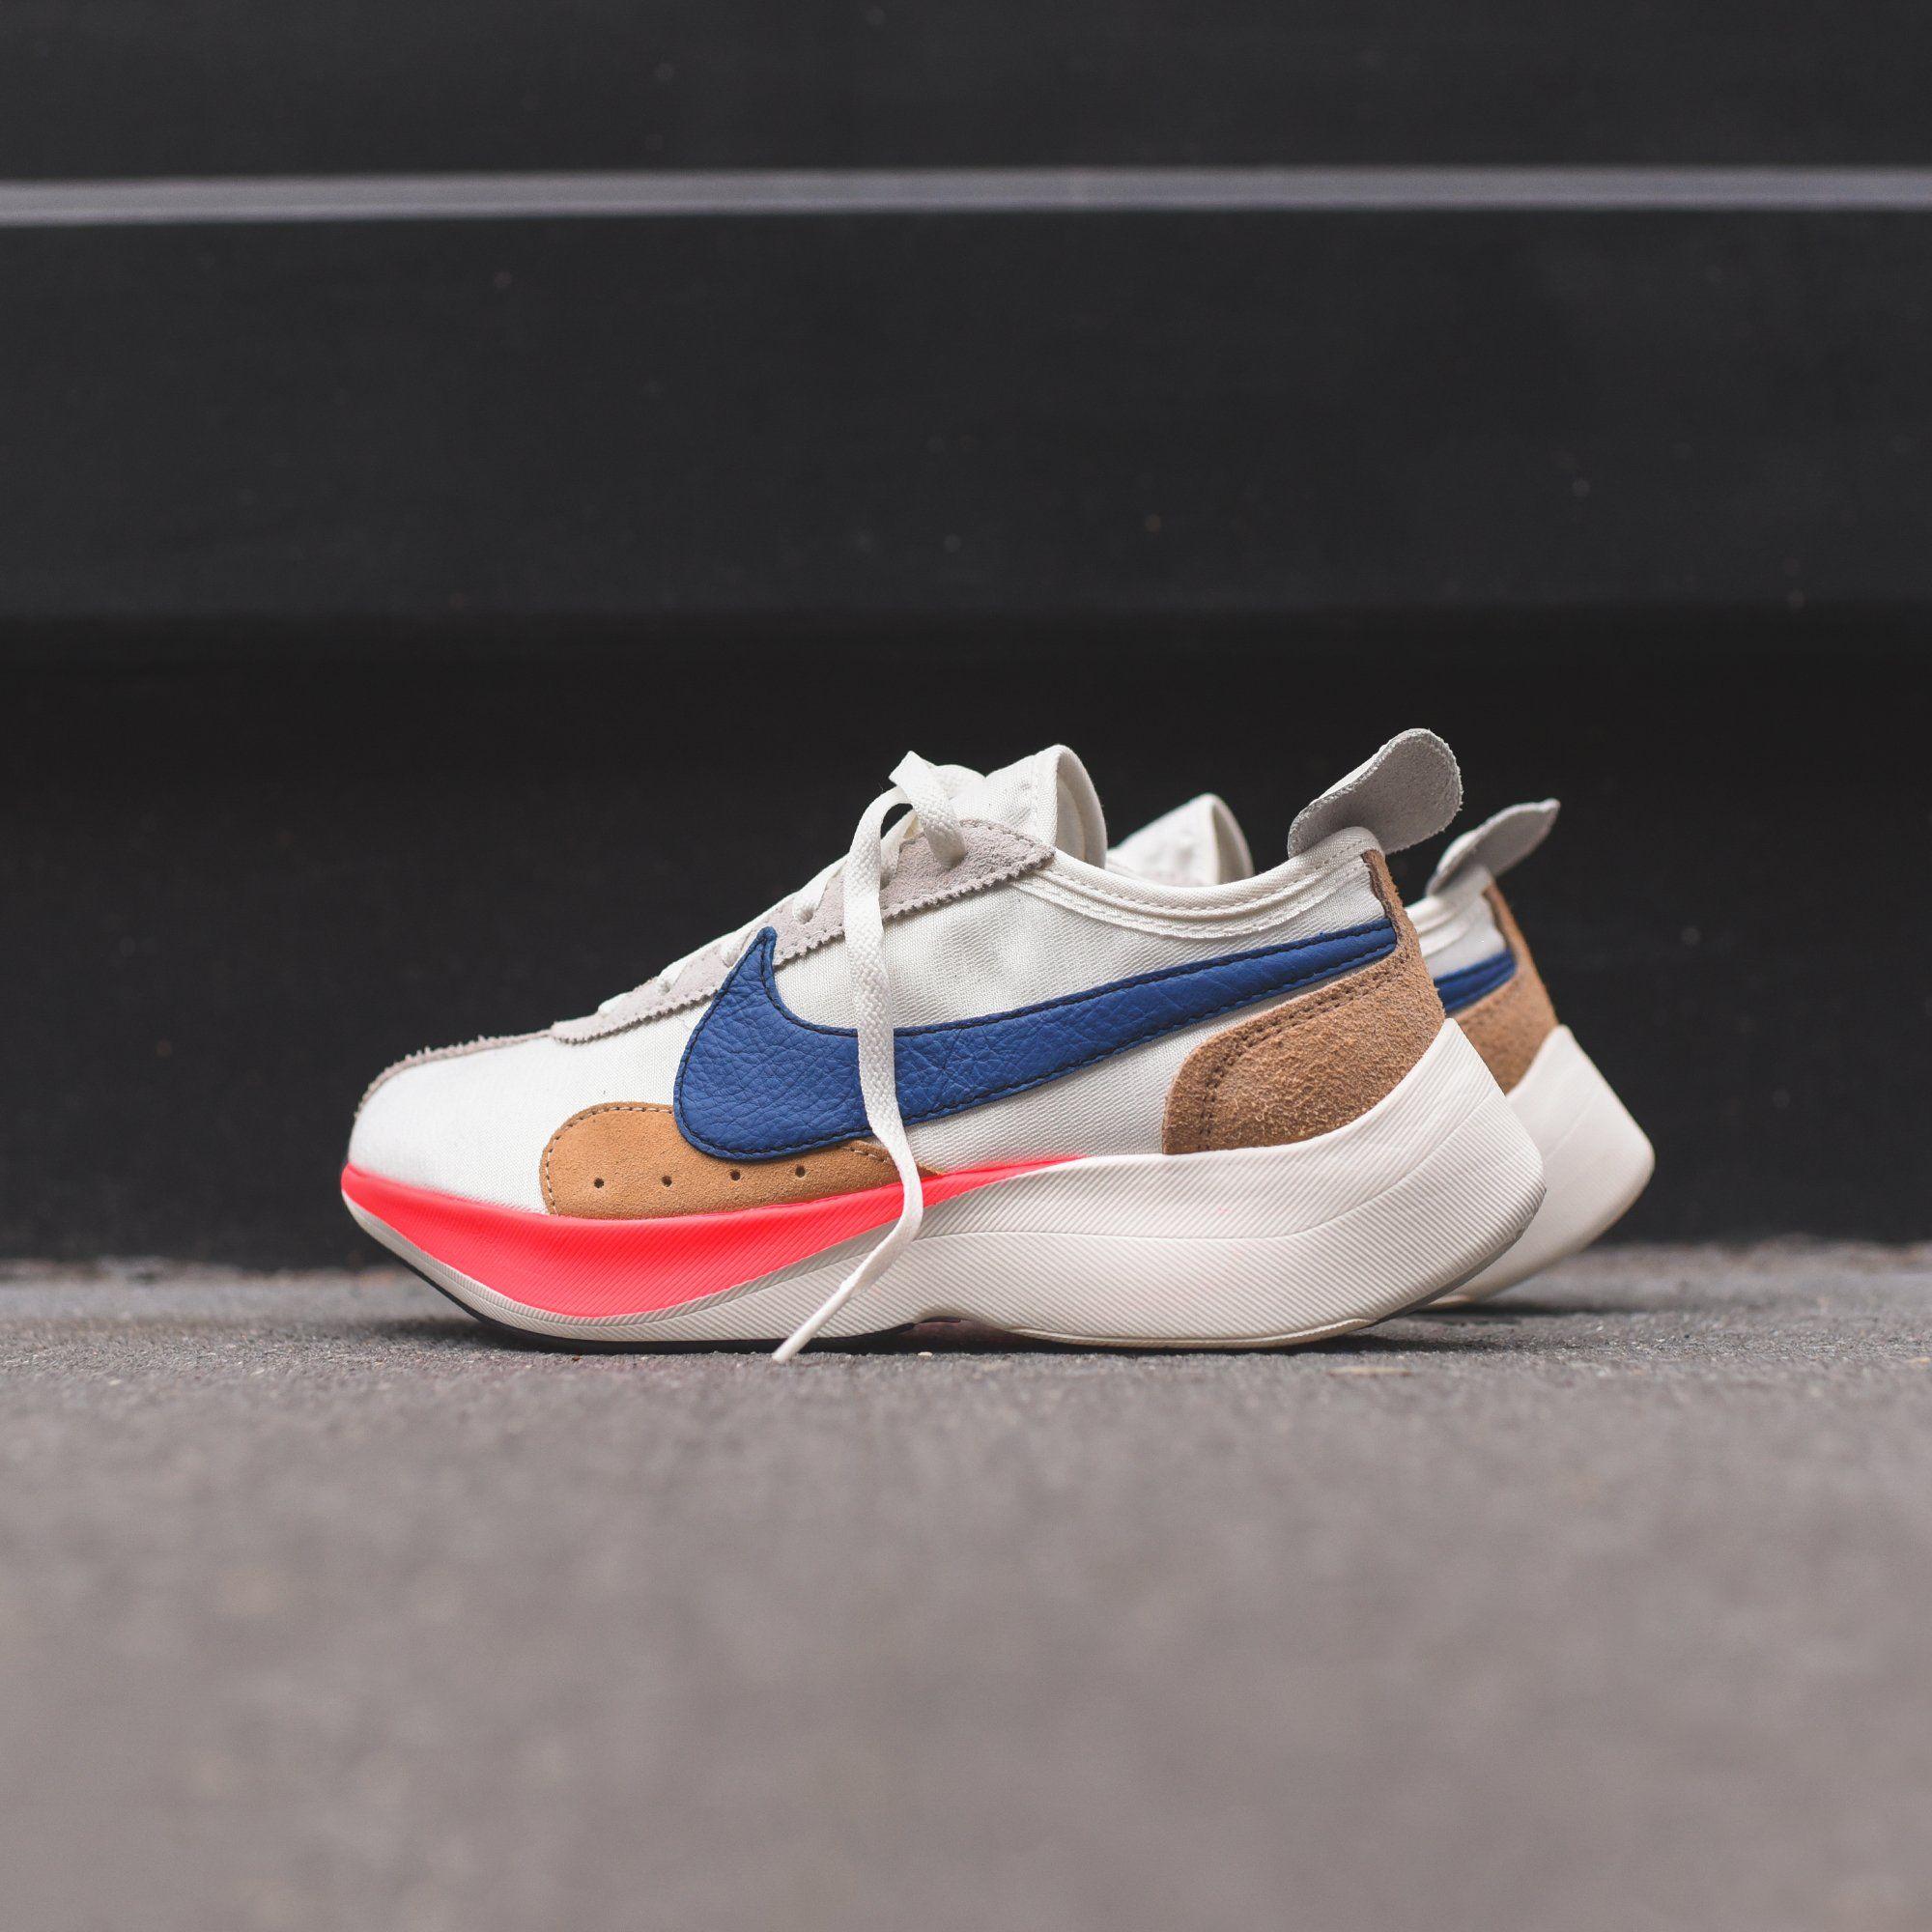 New Balance M996 Grey Walking Shoes Women Sneakers Nike